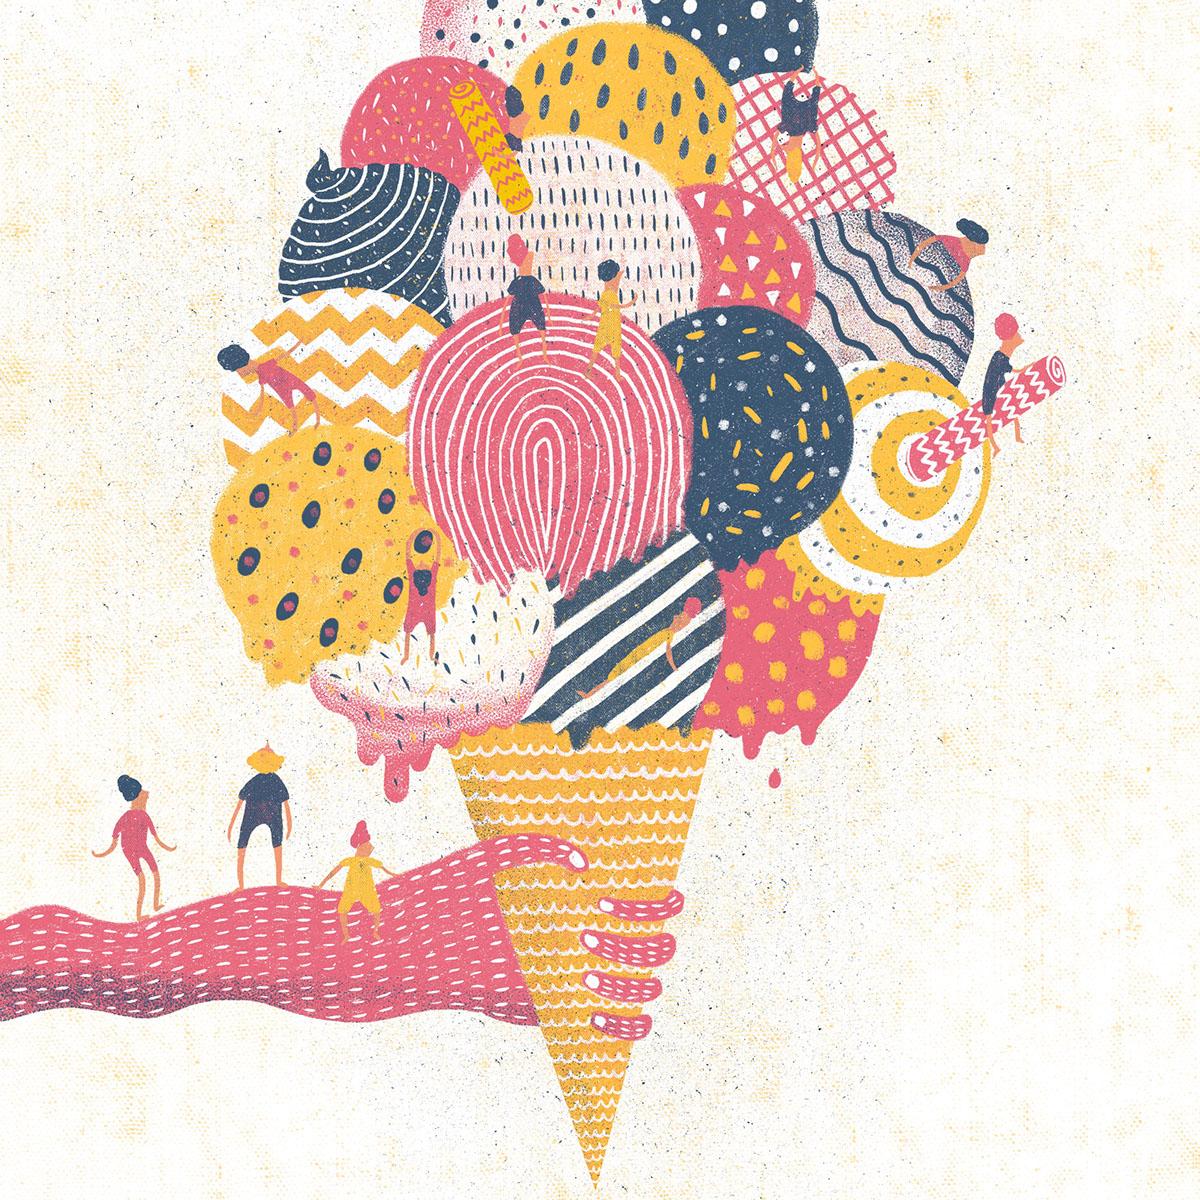 encontro ilustração infinito ice-cream cotton Candy